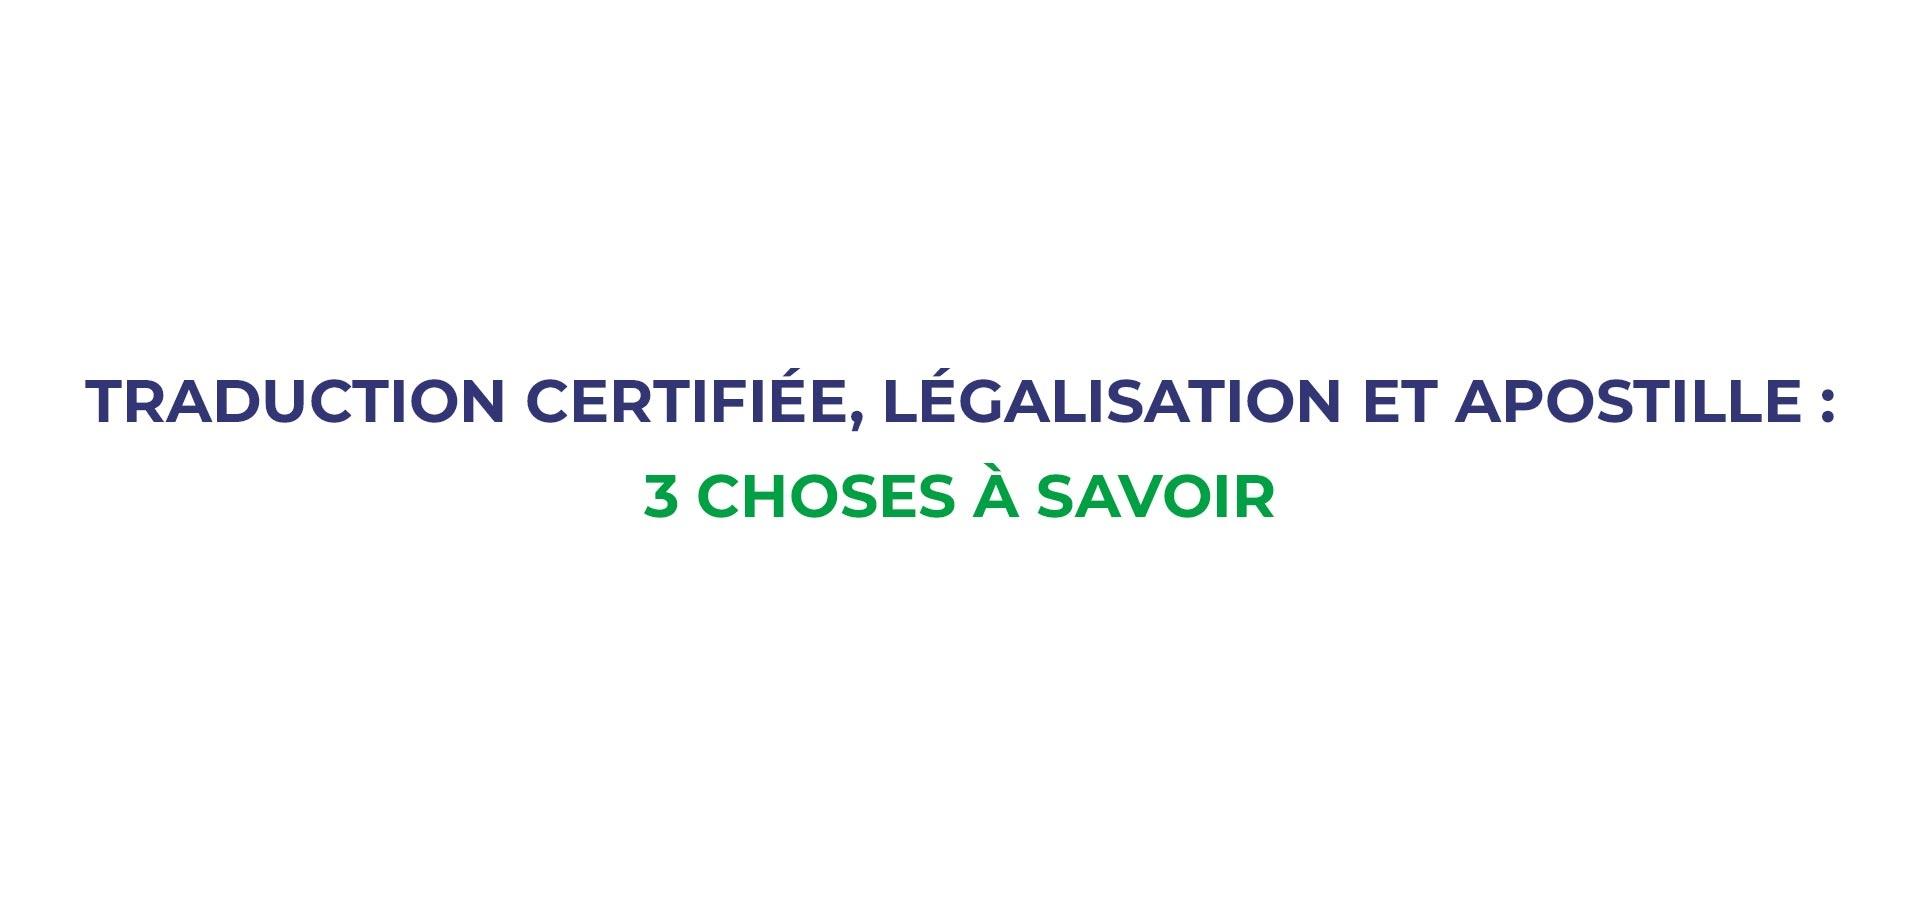 Traduction certifiée, légalisation et apostille - 3 choses à savoir